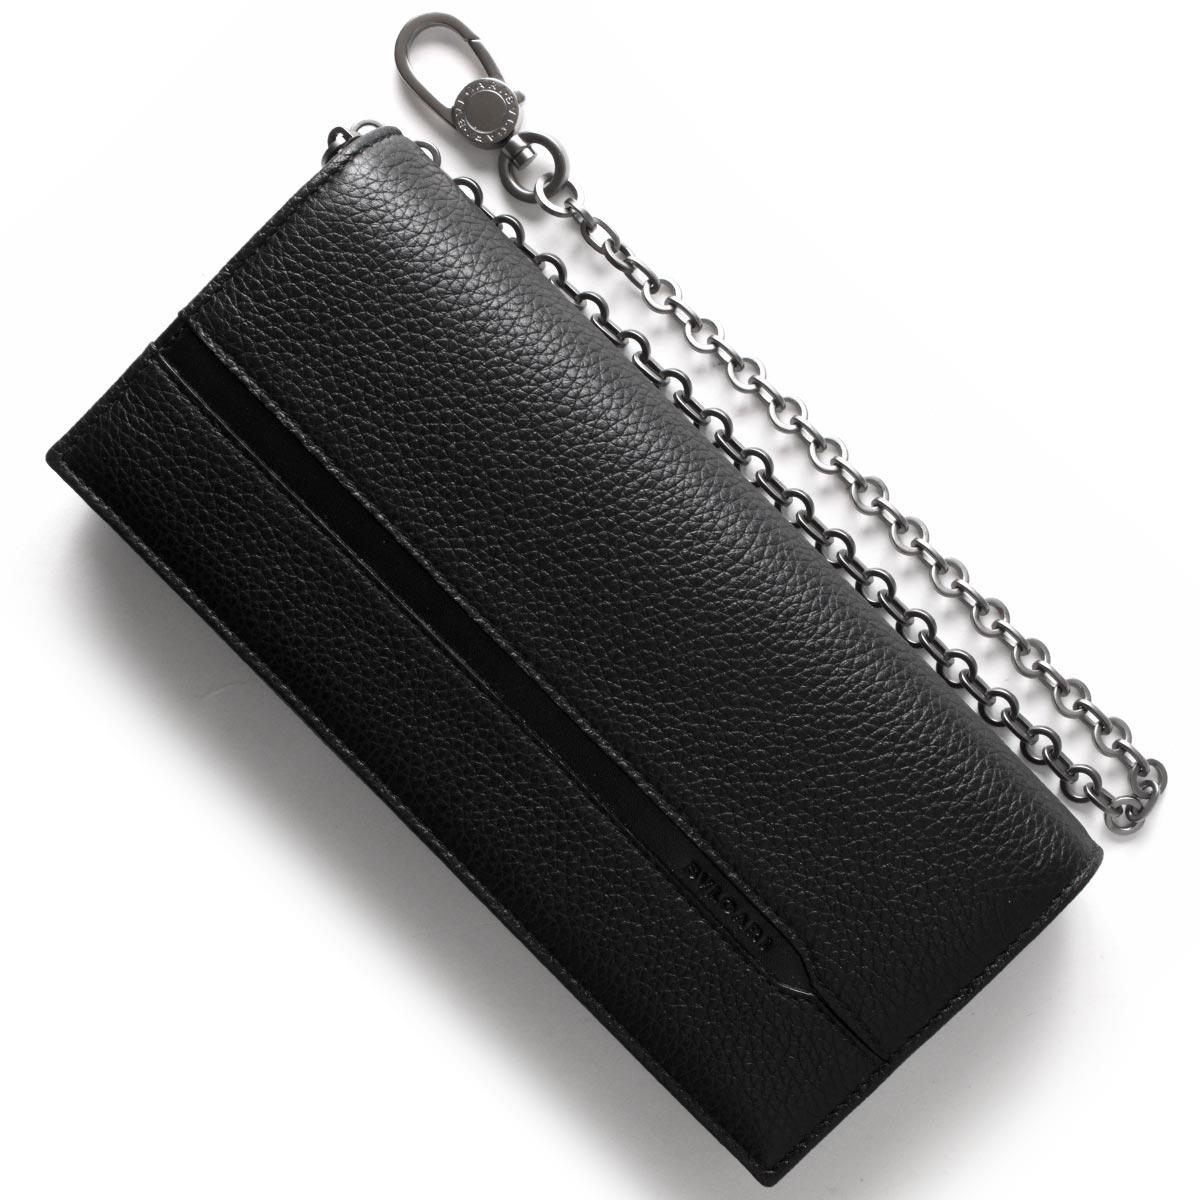 ブルガリ 長財布 財布 メンズ オクト レザー ブラック 36970 BVLGARI